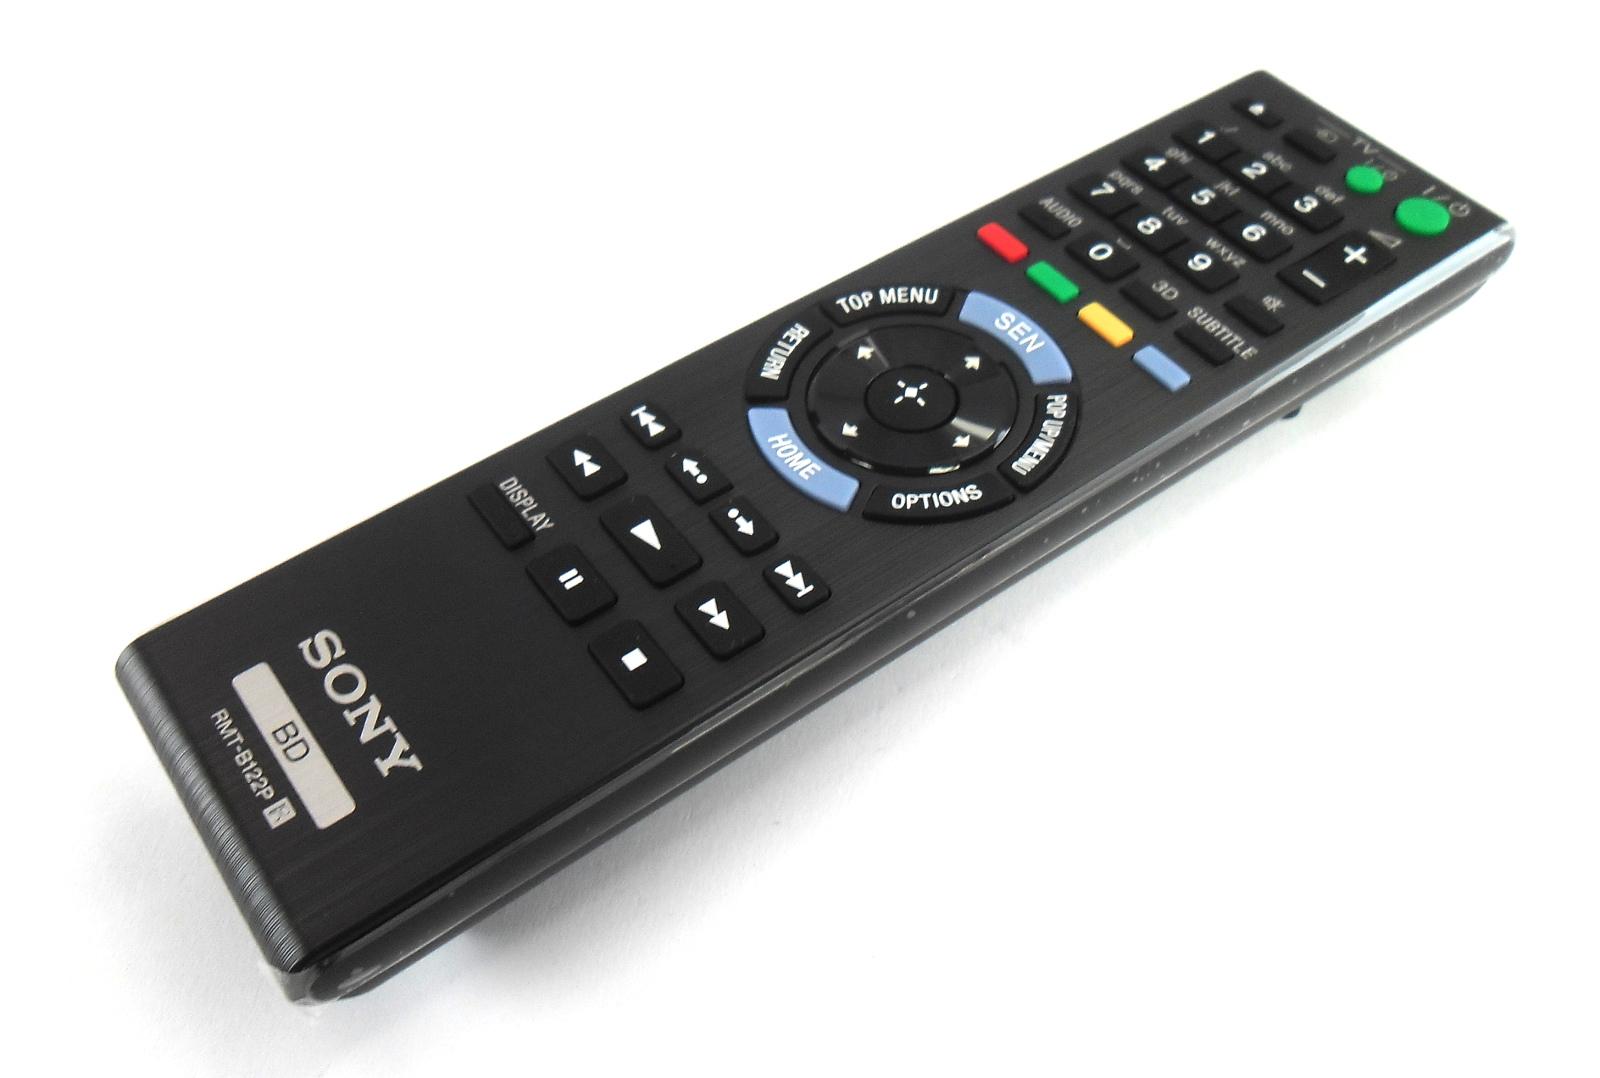 Sony Blu ray Player Rmt b107a manual